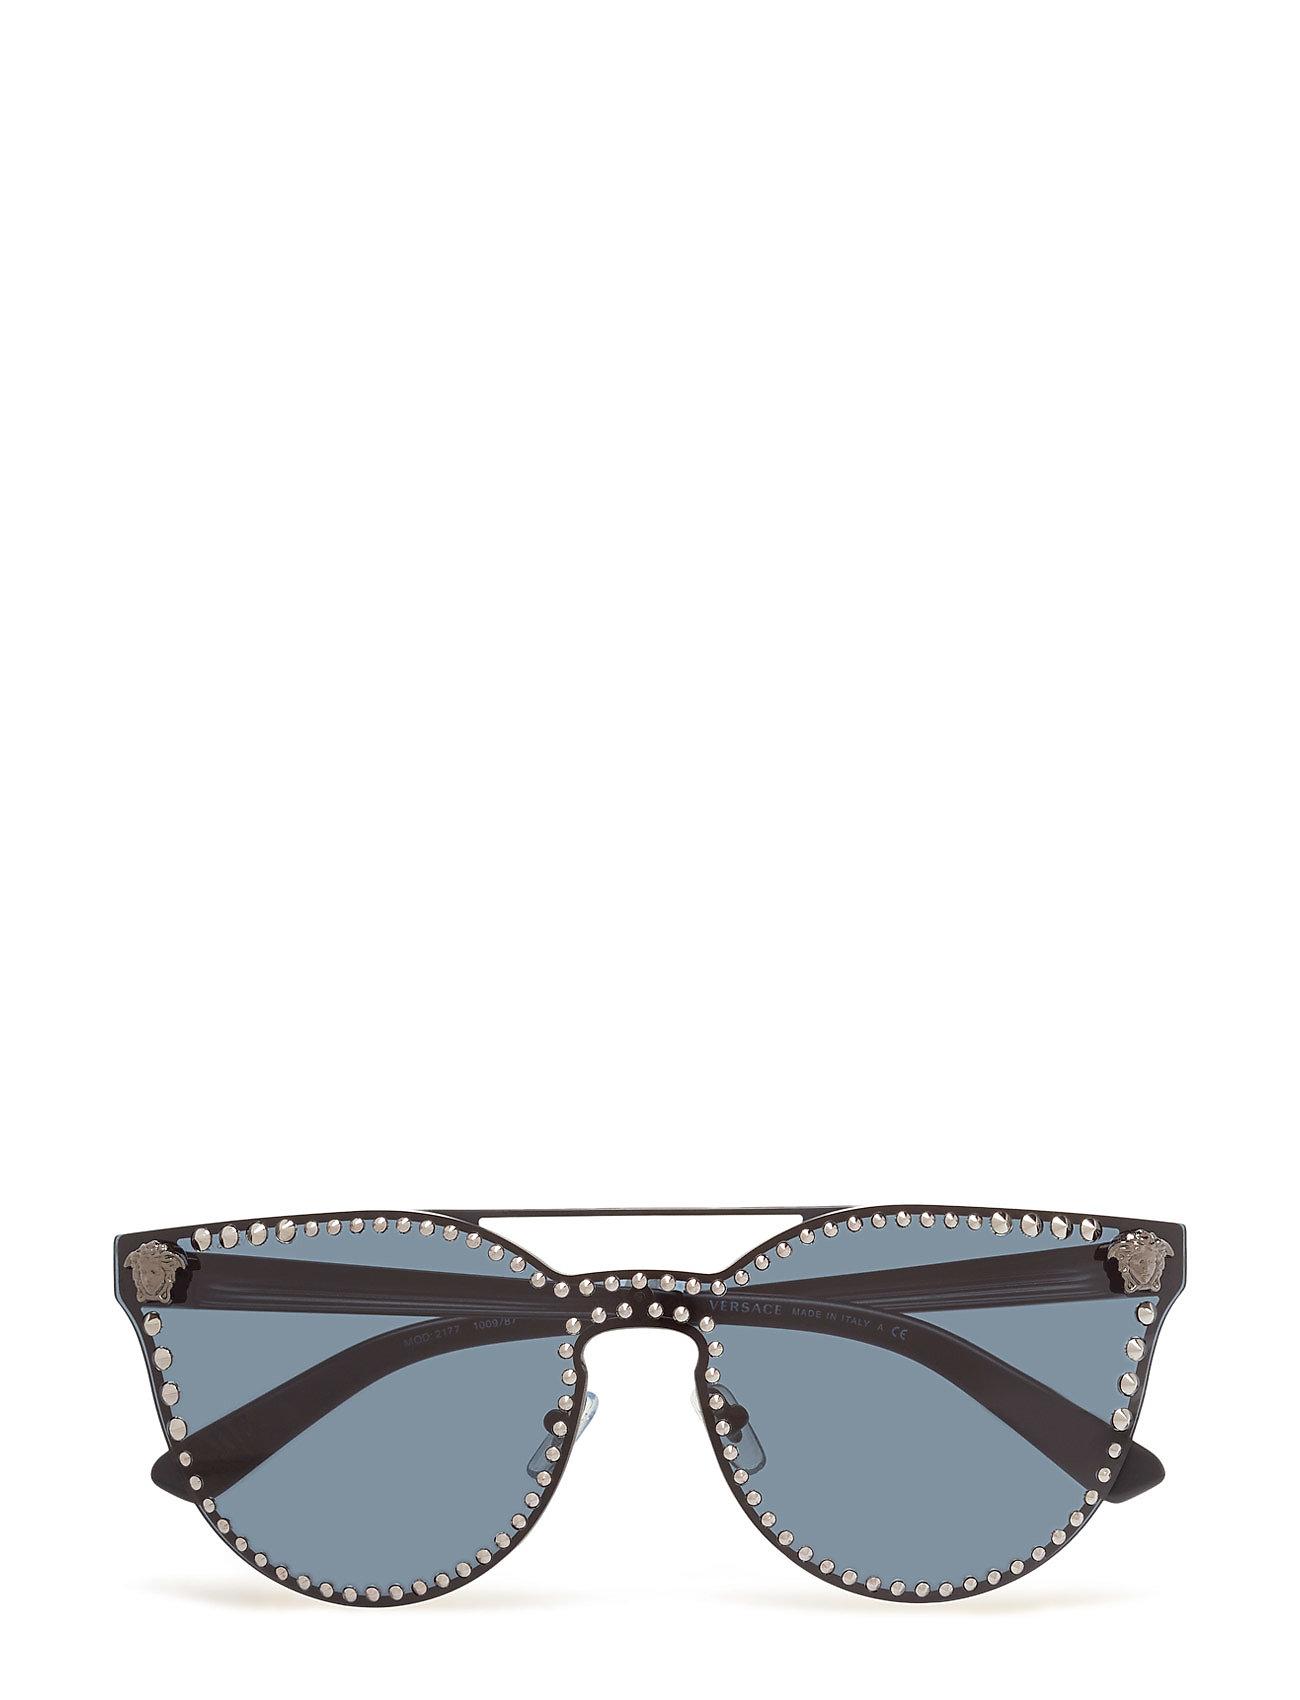 Cat eye fra versace sunglasses fra boozt.com dk